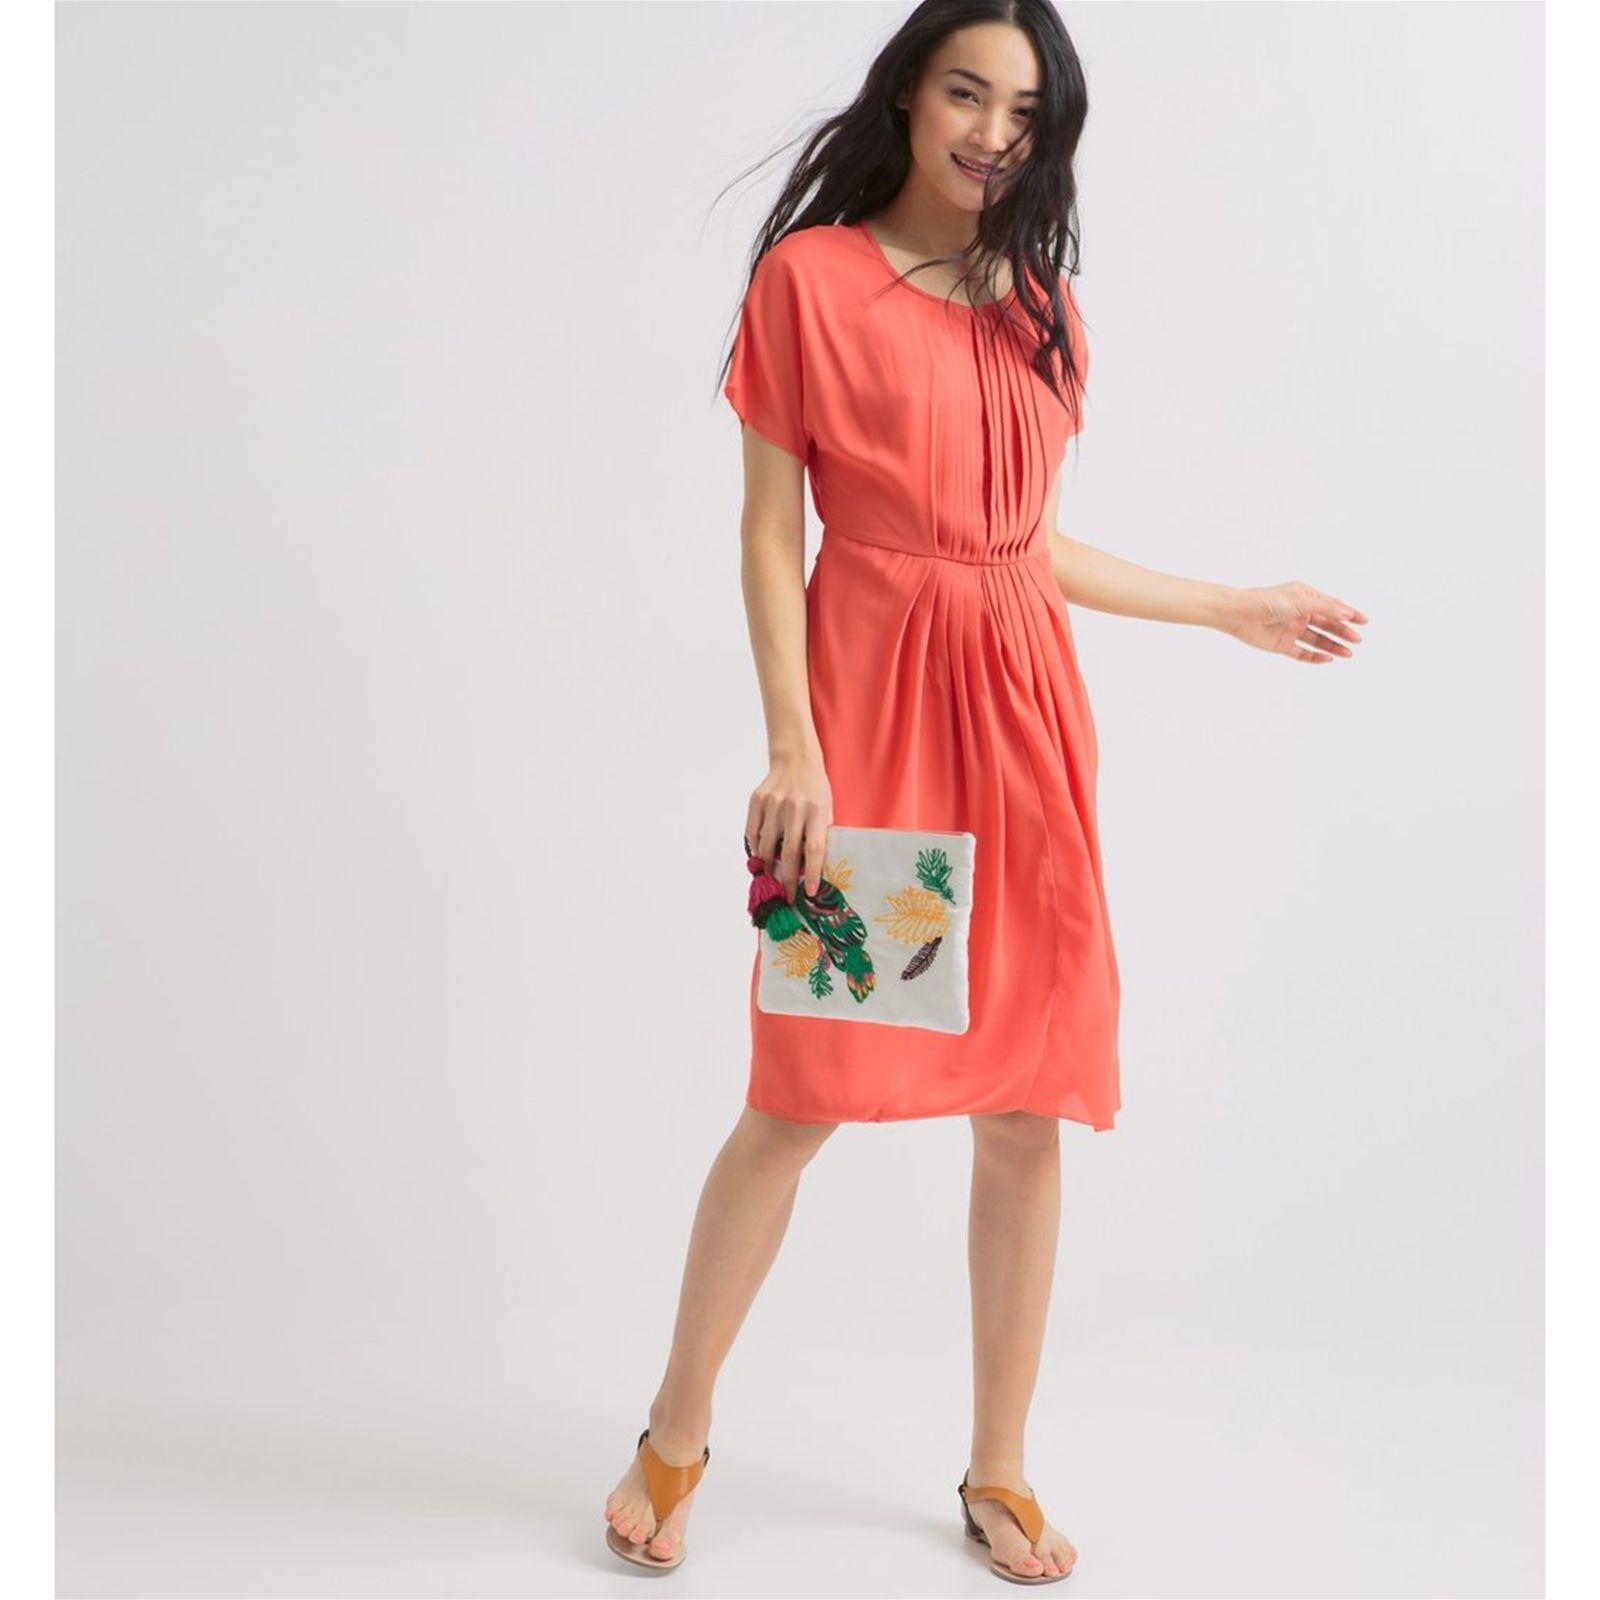 Une robe corail pour une soirée